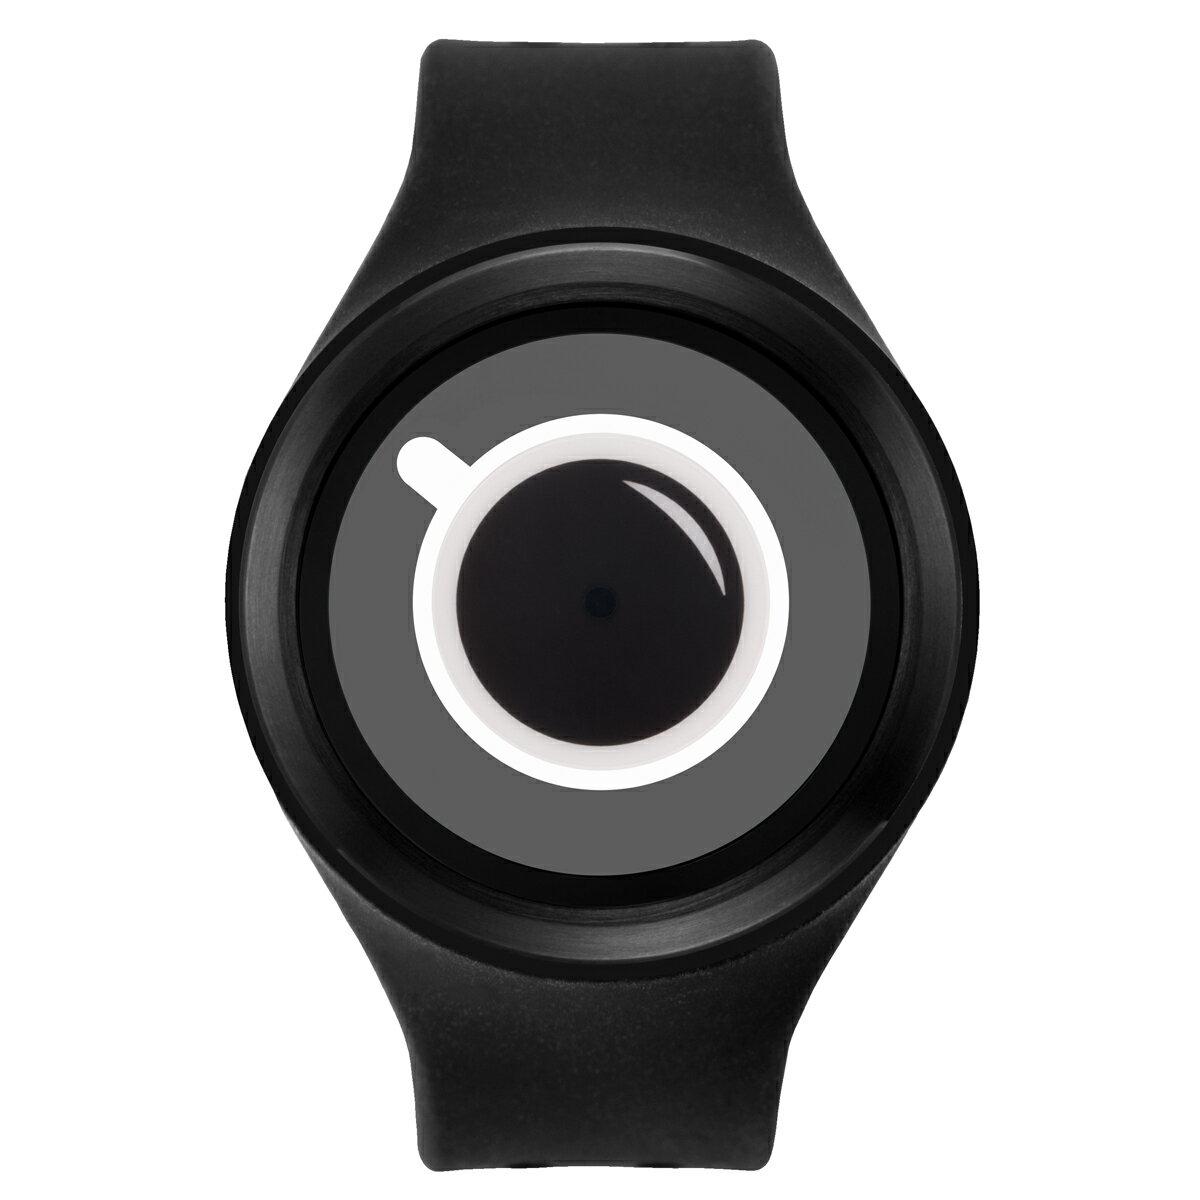 ZEROO COFFEE TIME ゼロ 電池式クォーツ 腕時計 [W00302B03SR02] ブラック デザインウォッチ ペア用 メンズ レディース ユニセックス おしゃれ時計 デザイナーズ